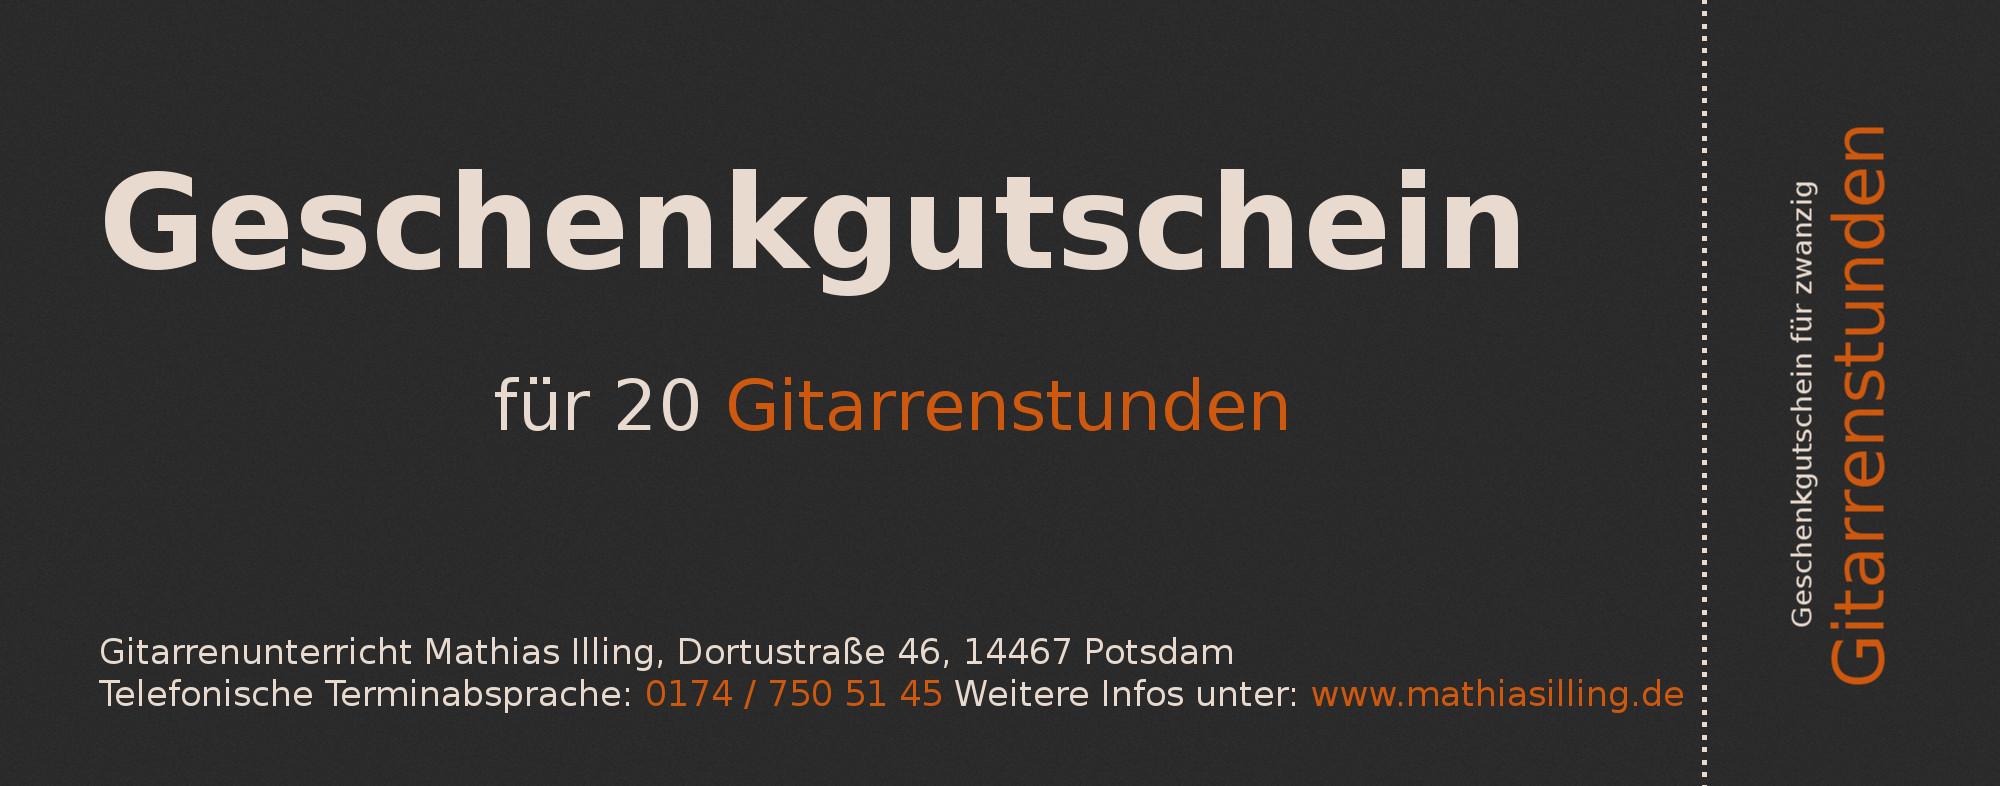 Geschenkgutschein für zwanzig Gitarrenstunden in Potsdam, Geschenkidee, Geschenk für Potsdam